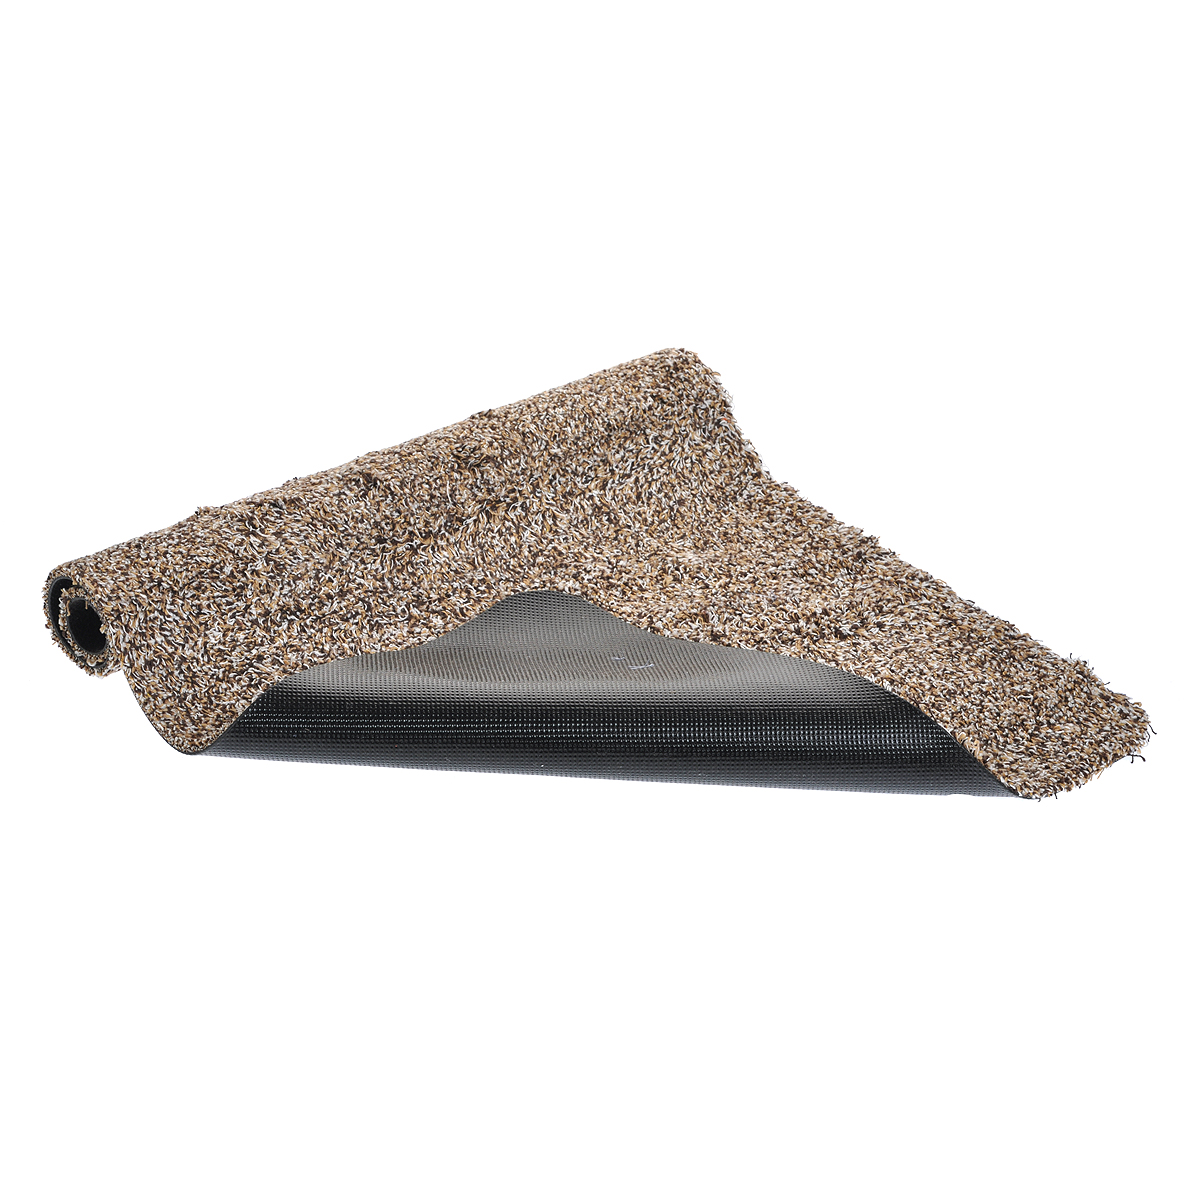 Коврик для прихожей Bradex Ни следа, 45 см х 70 см20736Коврик для прихожей Bradex Ни следа призван сохранить чистоту и уют в вашем доме. Он обладает крупным и высоким ворсом из микрофибры, который впитывает влажную грязь и задерживает пыль. Постелив такой коврик перед входной дверью, вы избавите себя от постоянной уборки пола. Также коврик можно поместить в ванной комнате, ведь нескользящая резиновая основа делает его подходящим для любого напольного покрытия. Если коврик загрязнится, то вы сможете очистить его при помощи стиральной машины, благодаря чему он прослужит гораздо дольше, чем обычный коврик.